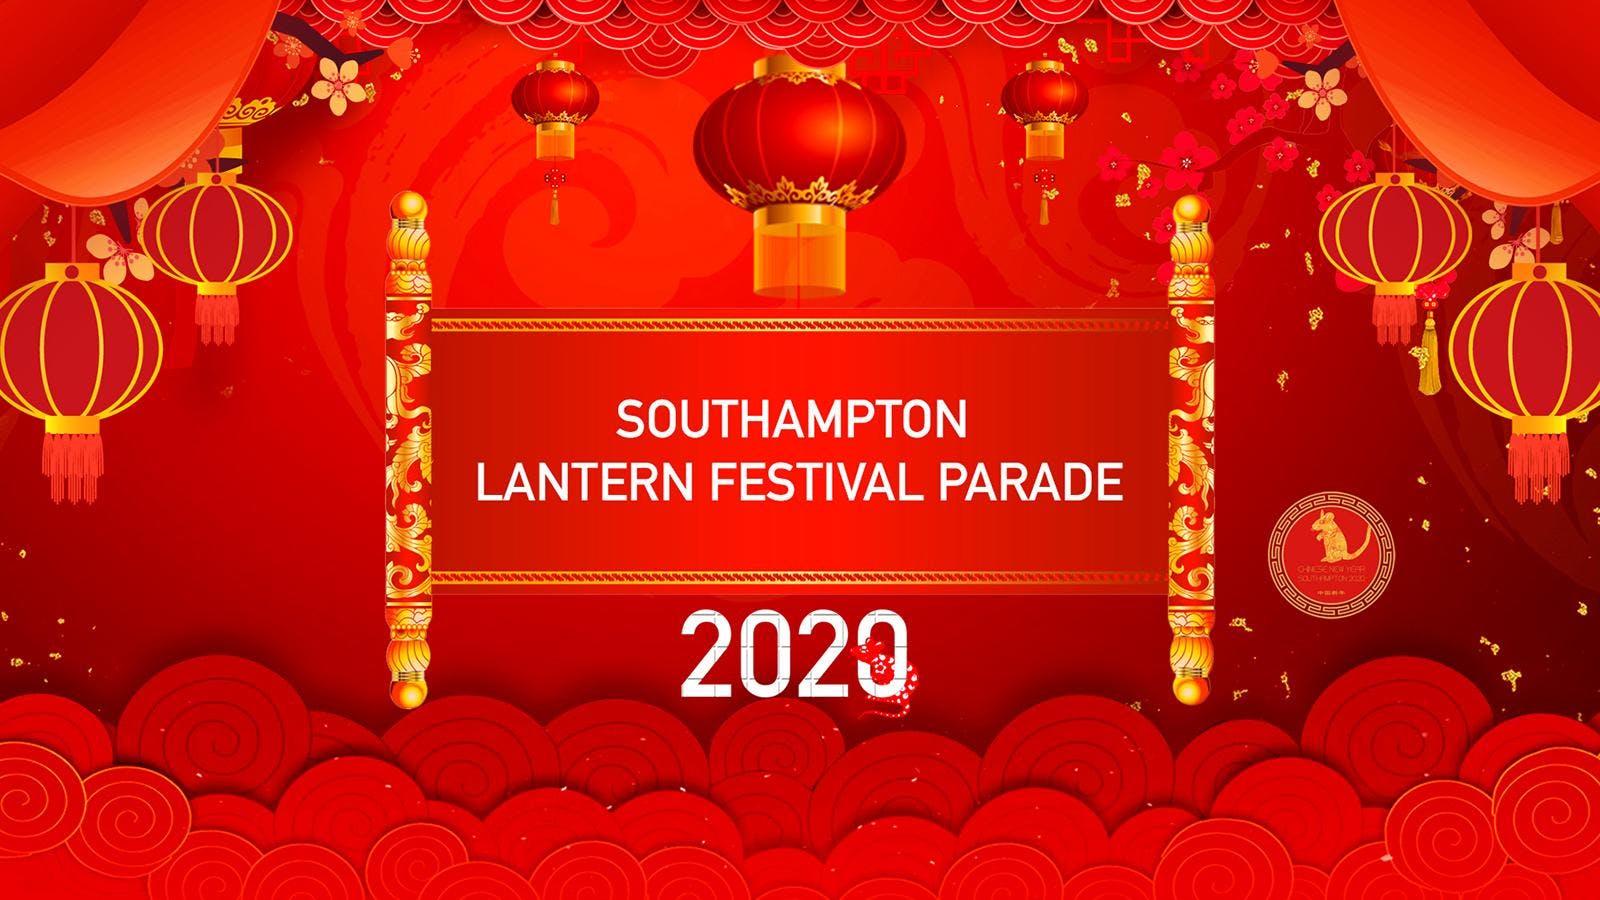 Chinese Lantern Festival 2020.Southampton Lantern Festival Parade 2020 Southampton